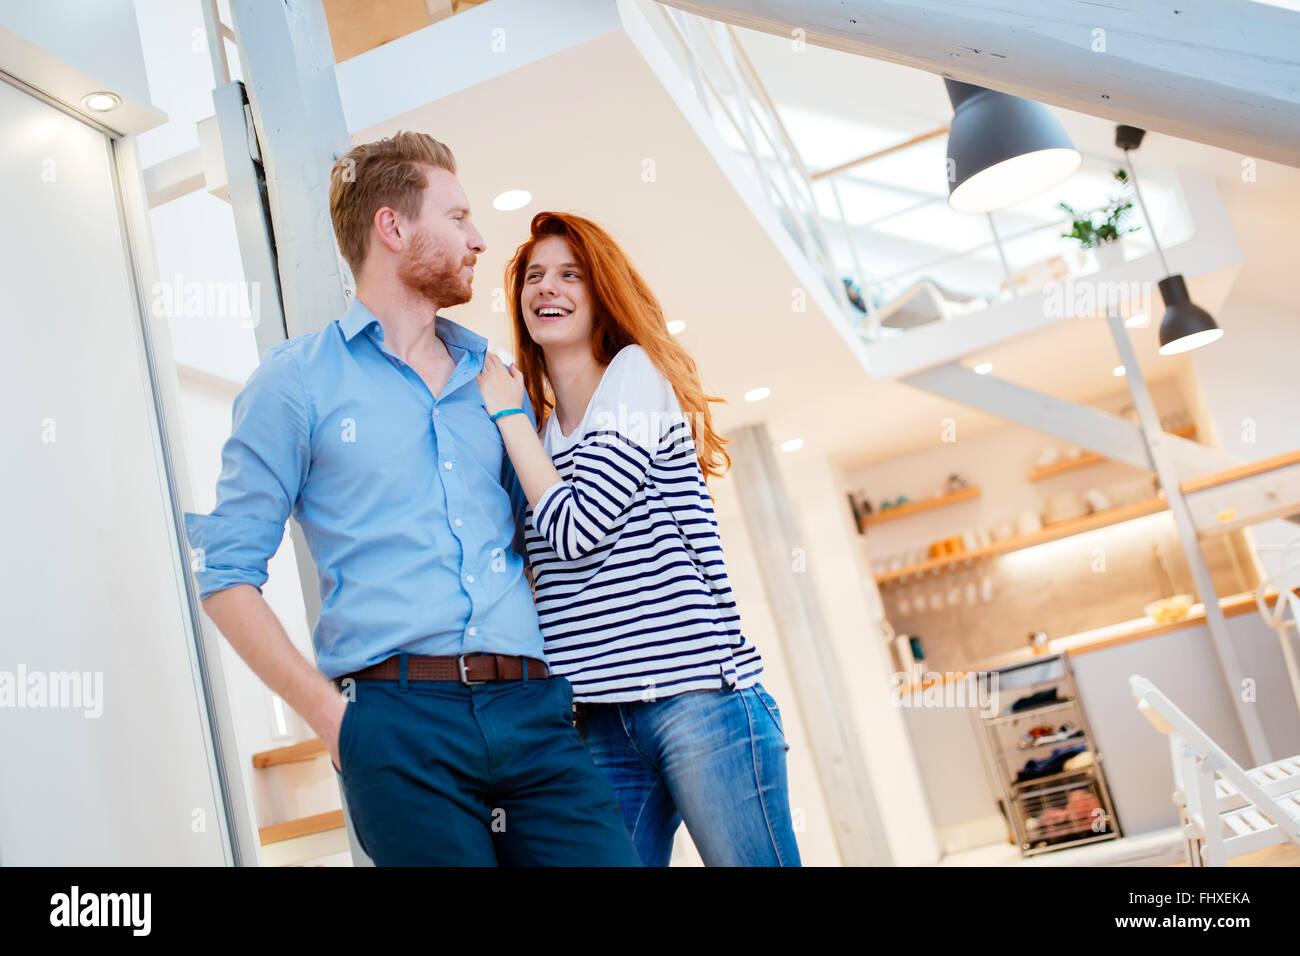 Beau couple dans l'élégant quartier de profiter de chaque instant d'accueil Photo Stock